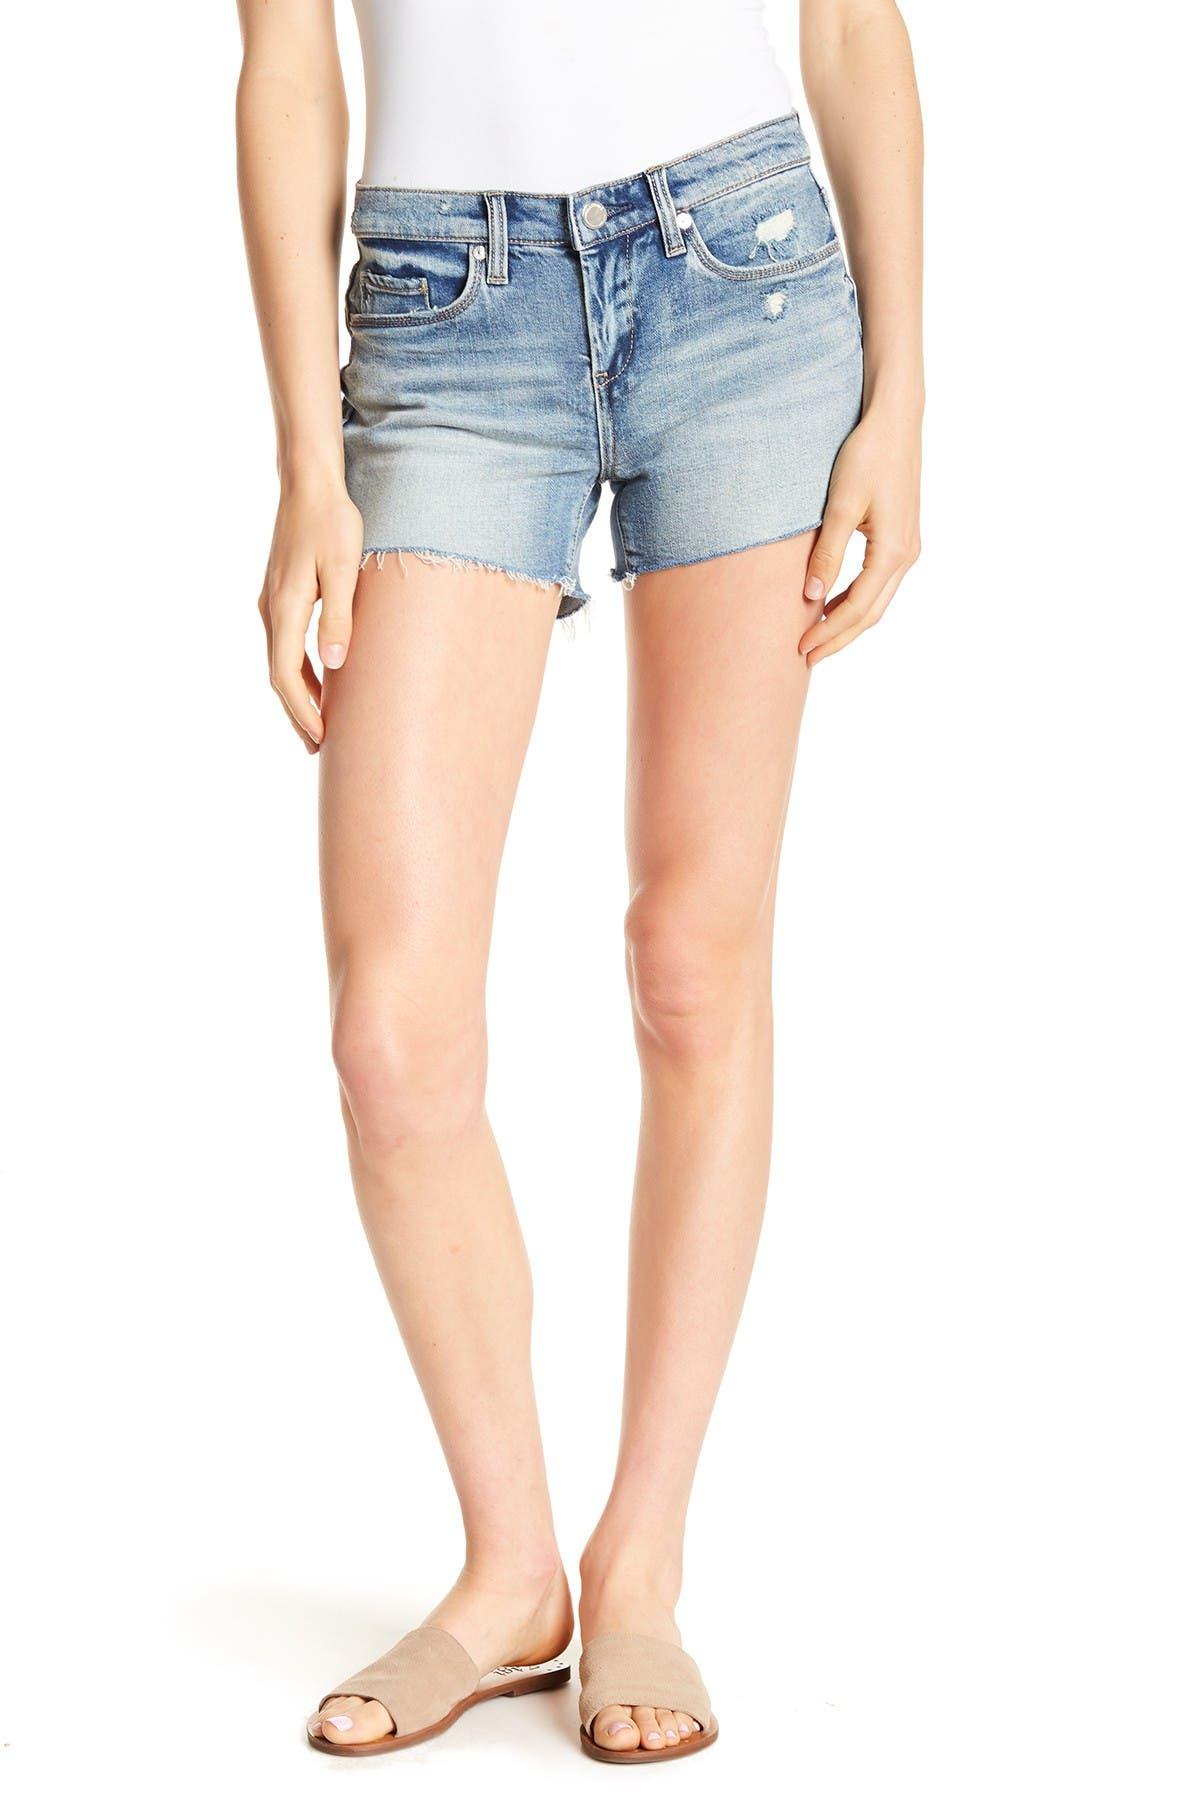 Image of BLANKNYC Denim Distressed Cut-Off Denim Shorts